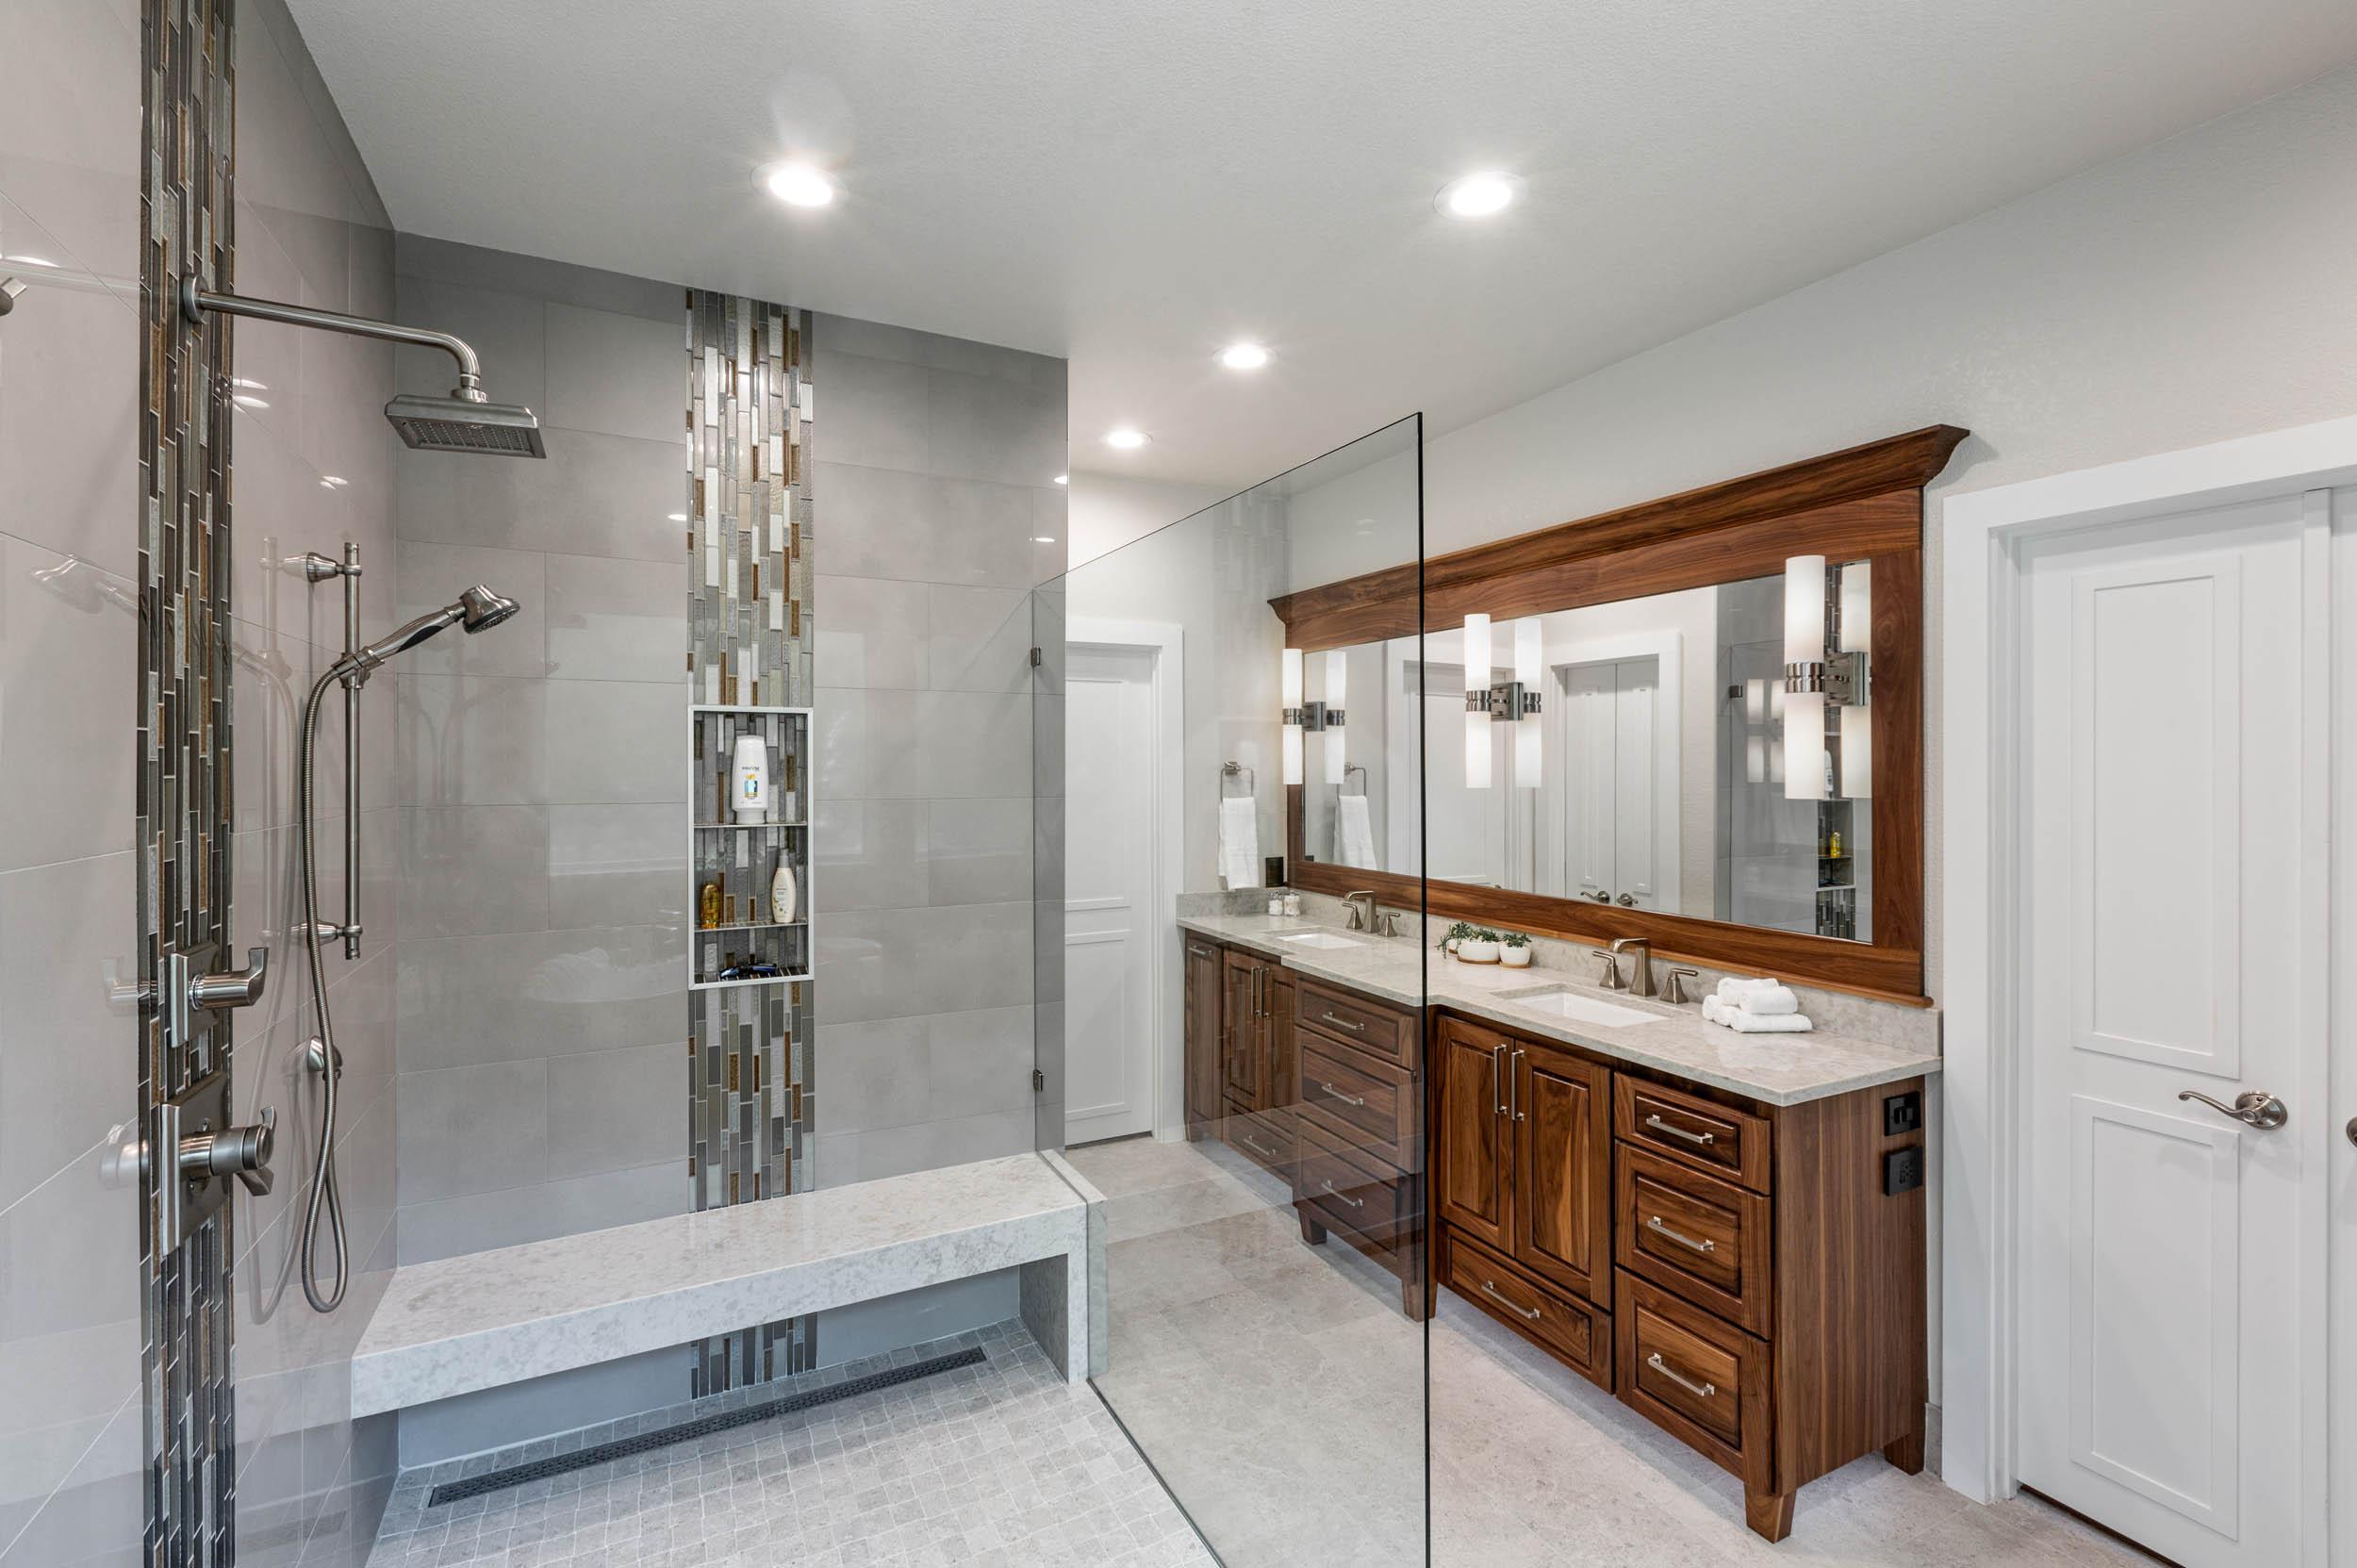 Walnut cabinets and glass door in custom bathroom design